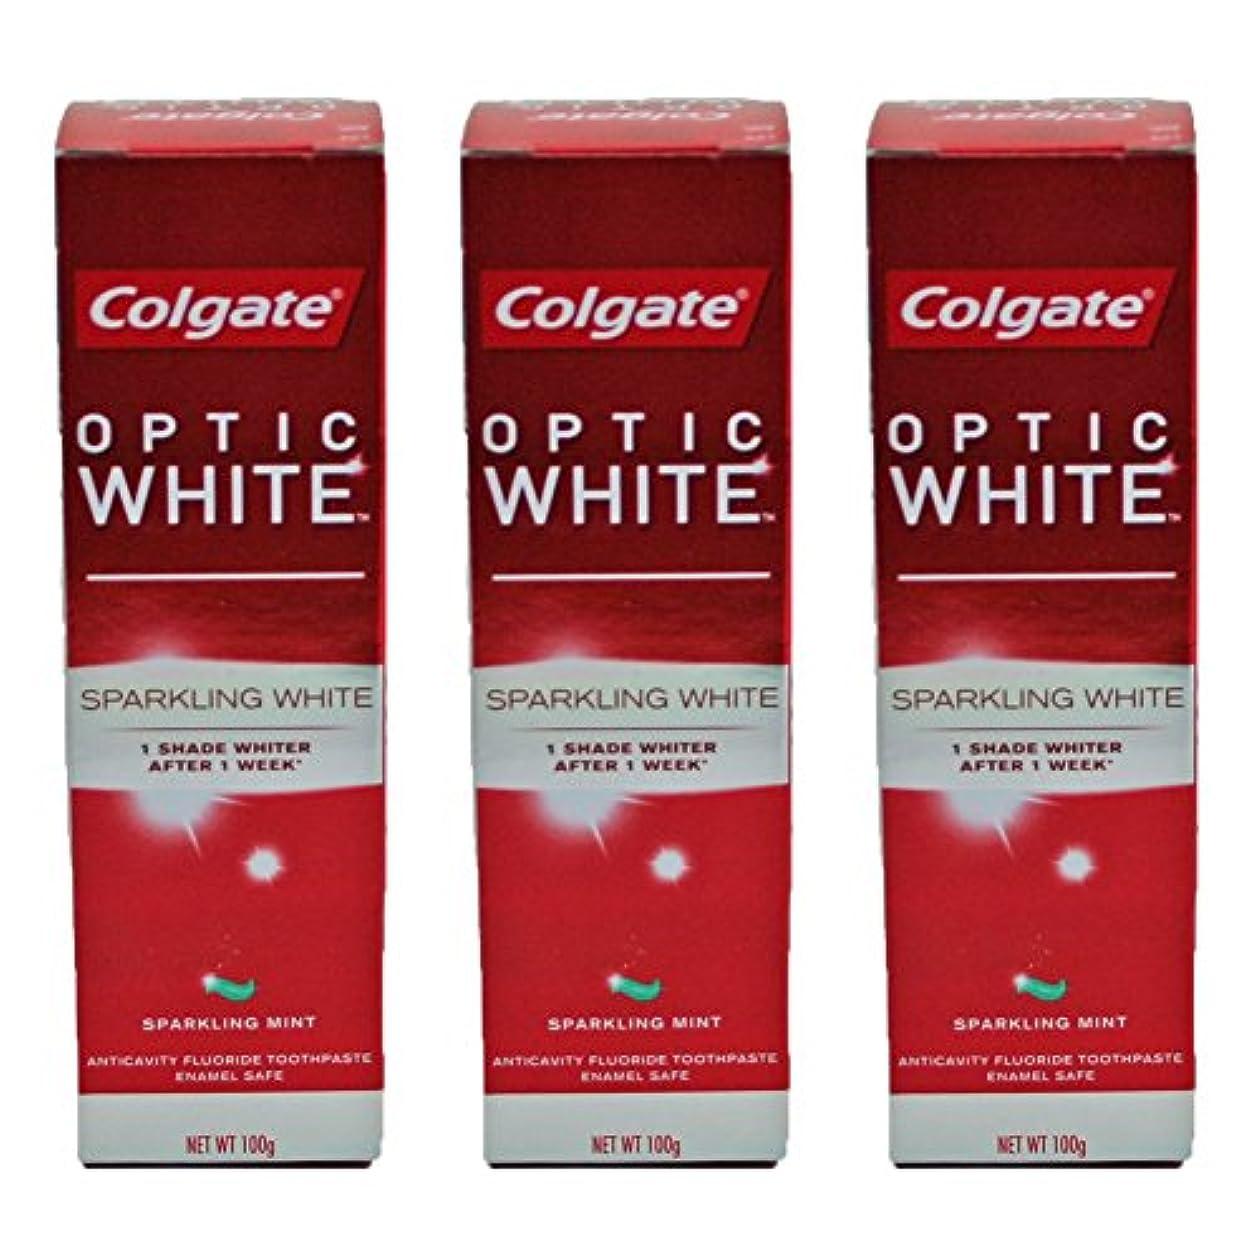 思春期スクワイア因子コールゲート オプティック ホワイト スパークリングシャイン 100g 3個セット [並行輸入品]